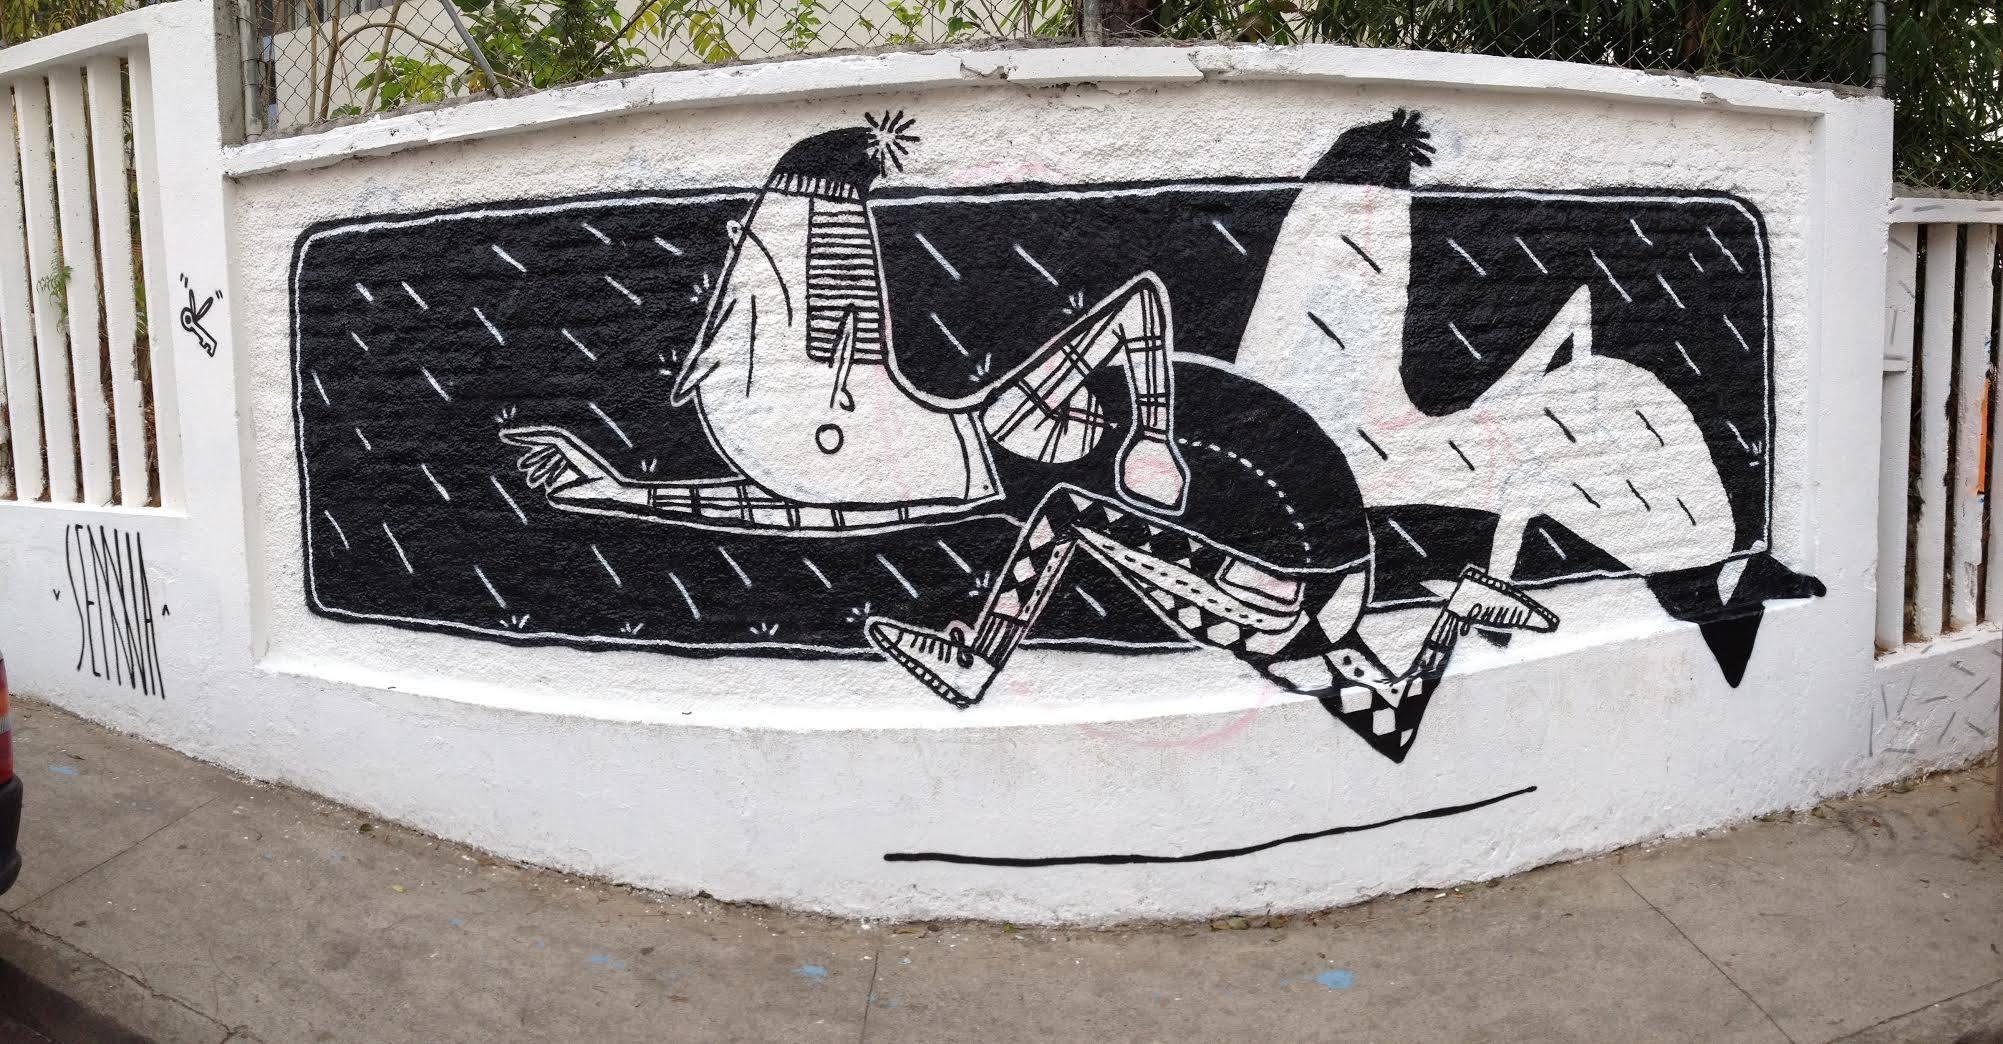 alex senna graffiti sp preto e branco (4)